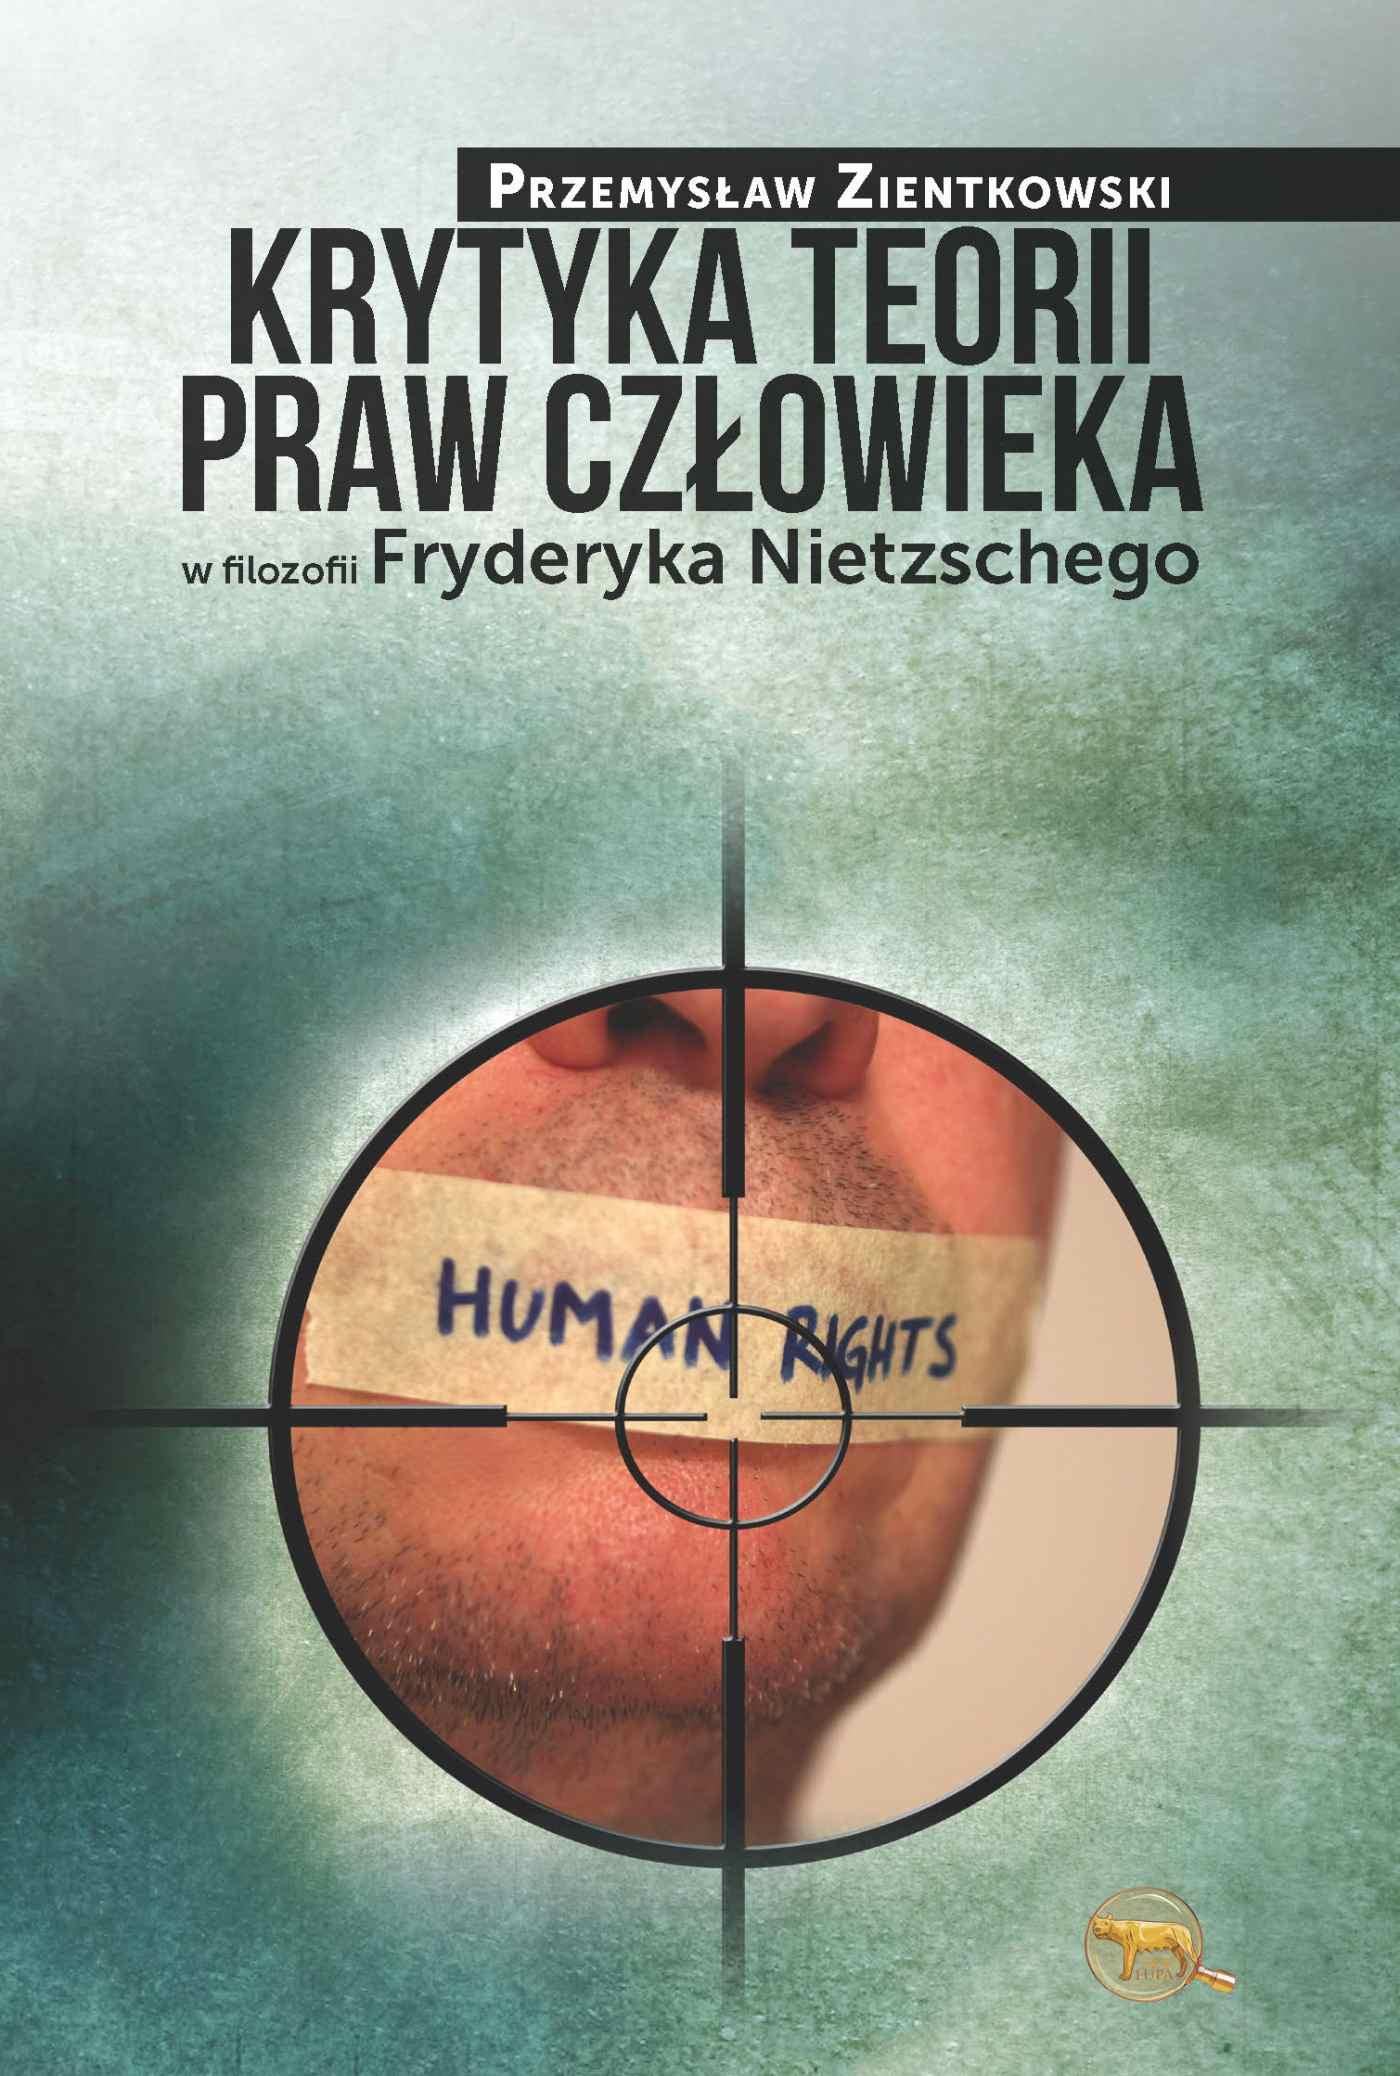 Krytyka teorii praw człowieka w filozofii Fryderyka Nietzschego - Ebook (Książka na Kindle) do pobrania w formacie MOBI